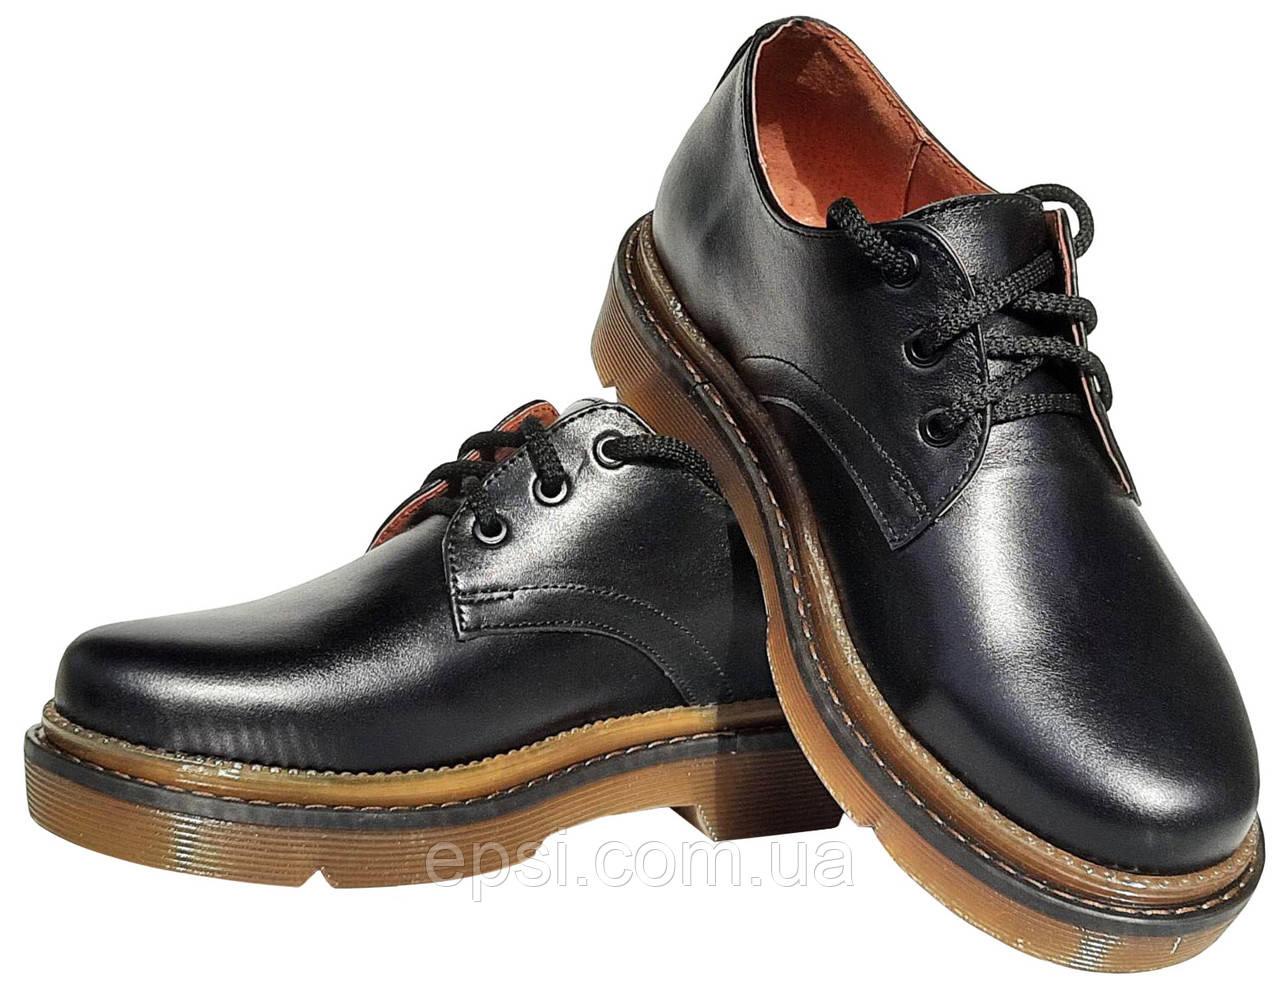 Женские кожаные туфли мартинс Kurag 1-010-38 черные 38